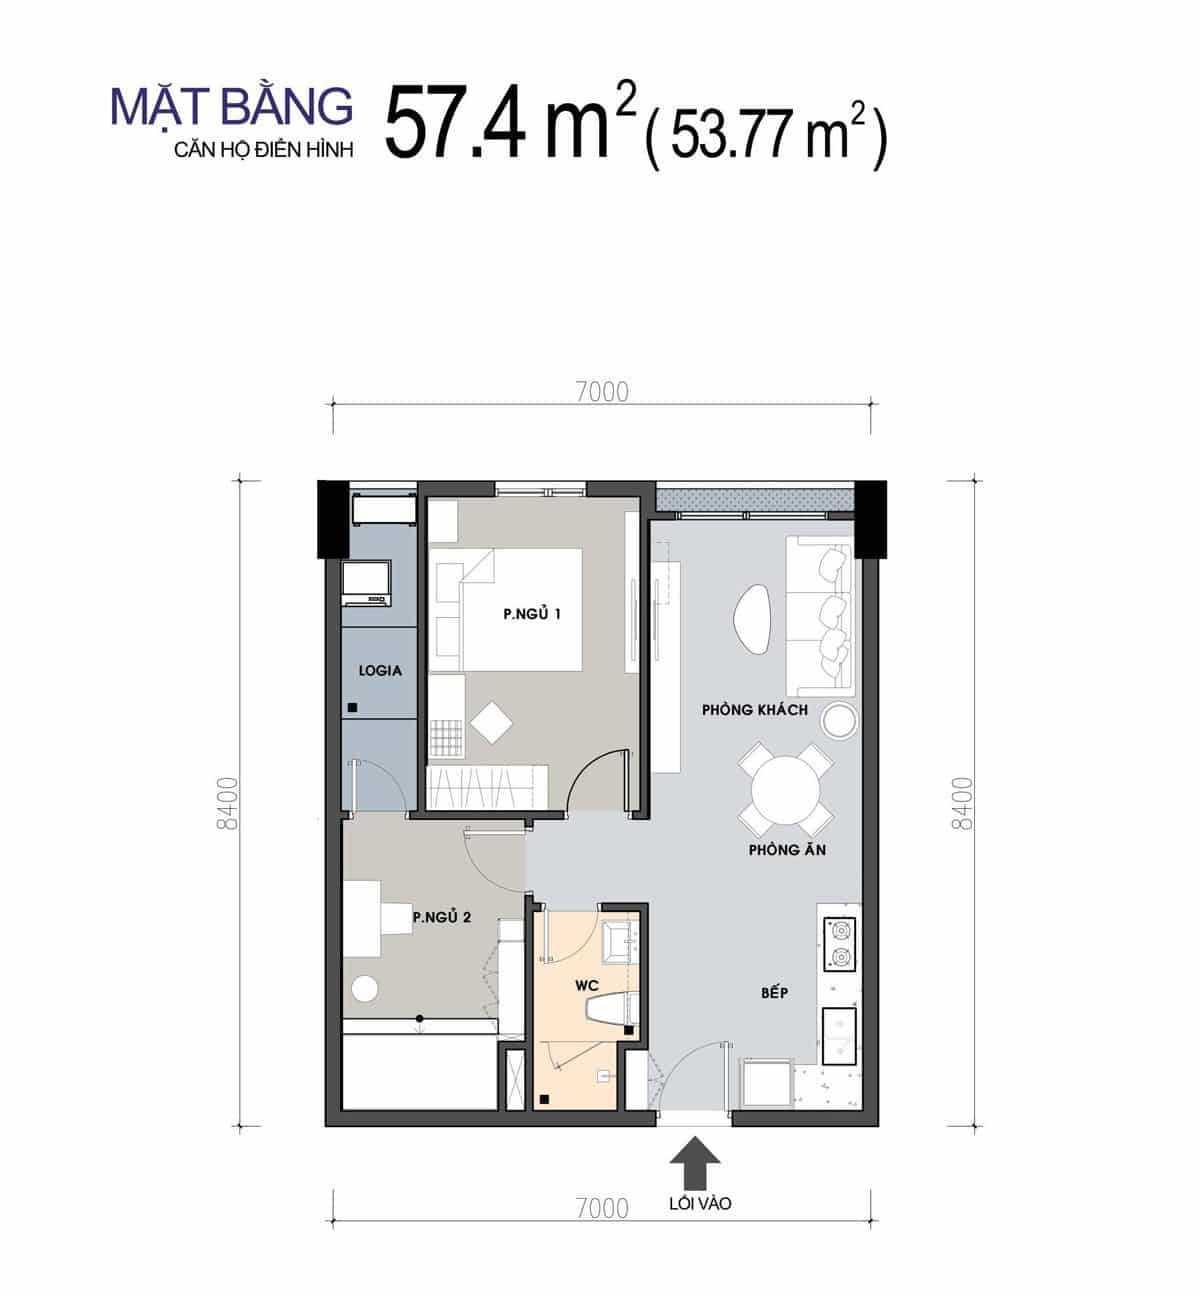 thiet ke can ho 574 m2 2 phong ngu picity 2020 - PICITY HIGH PARK QUẬN 12